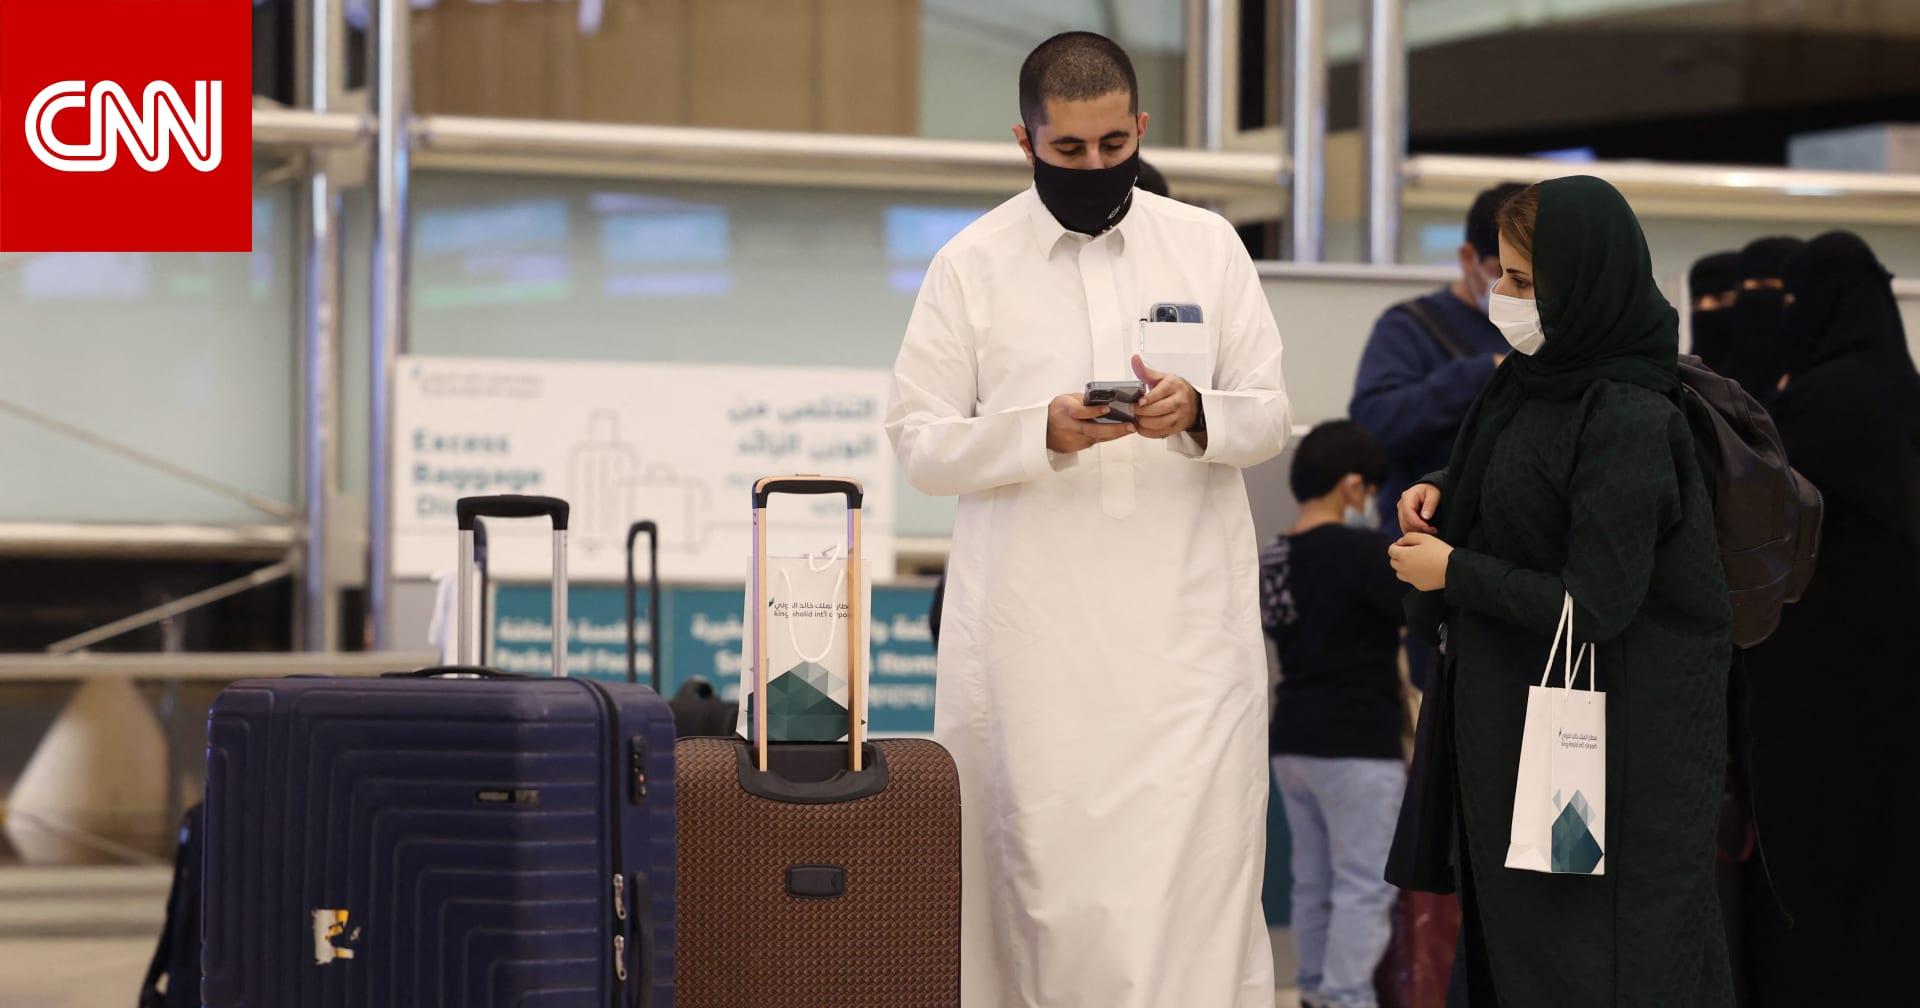 السعودية تهدد بمنع السفر 3 سنوات لمن يزور الدول المحظورة